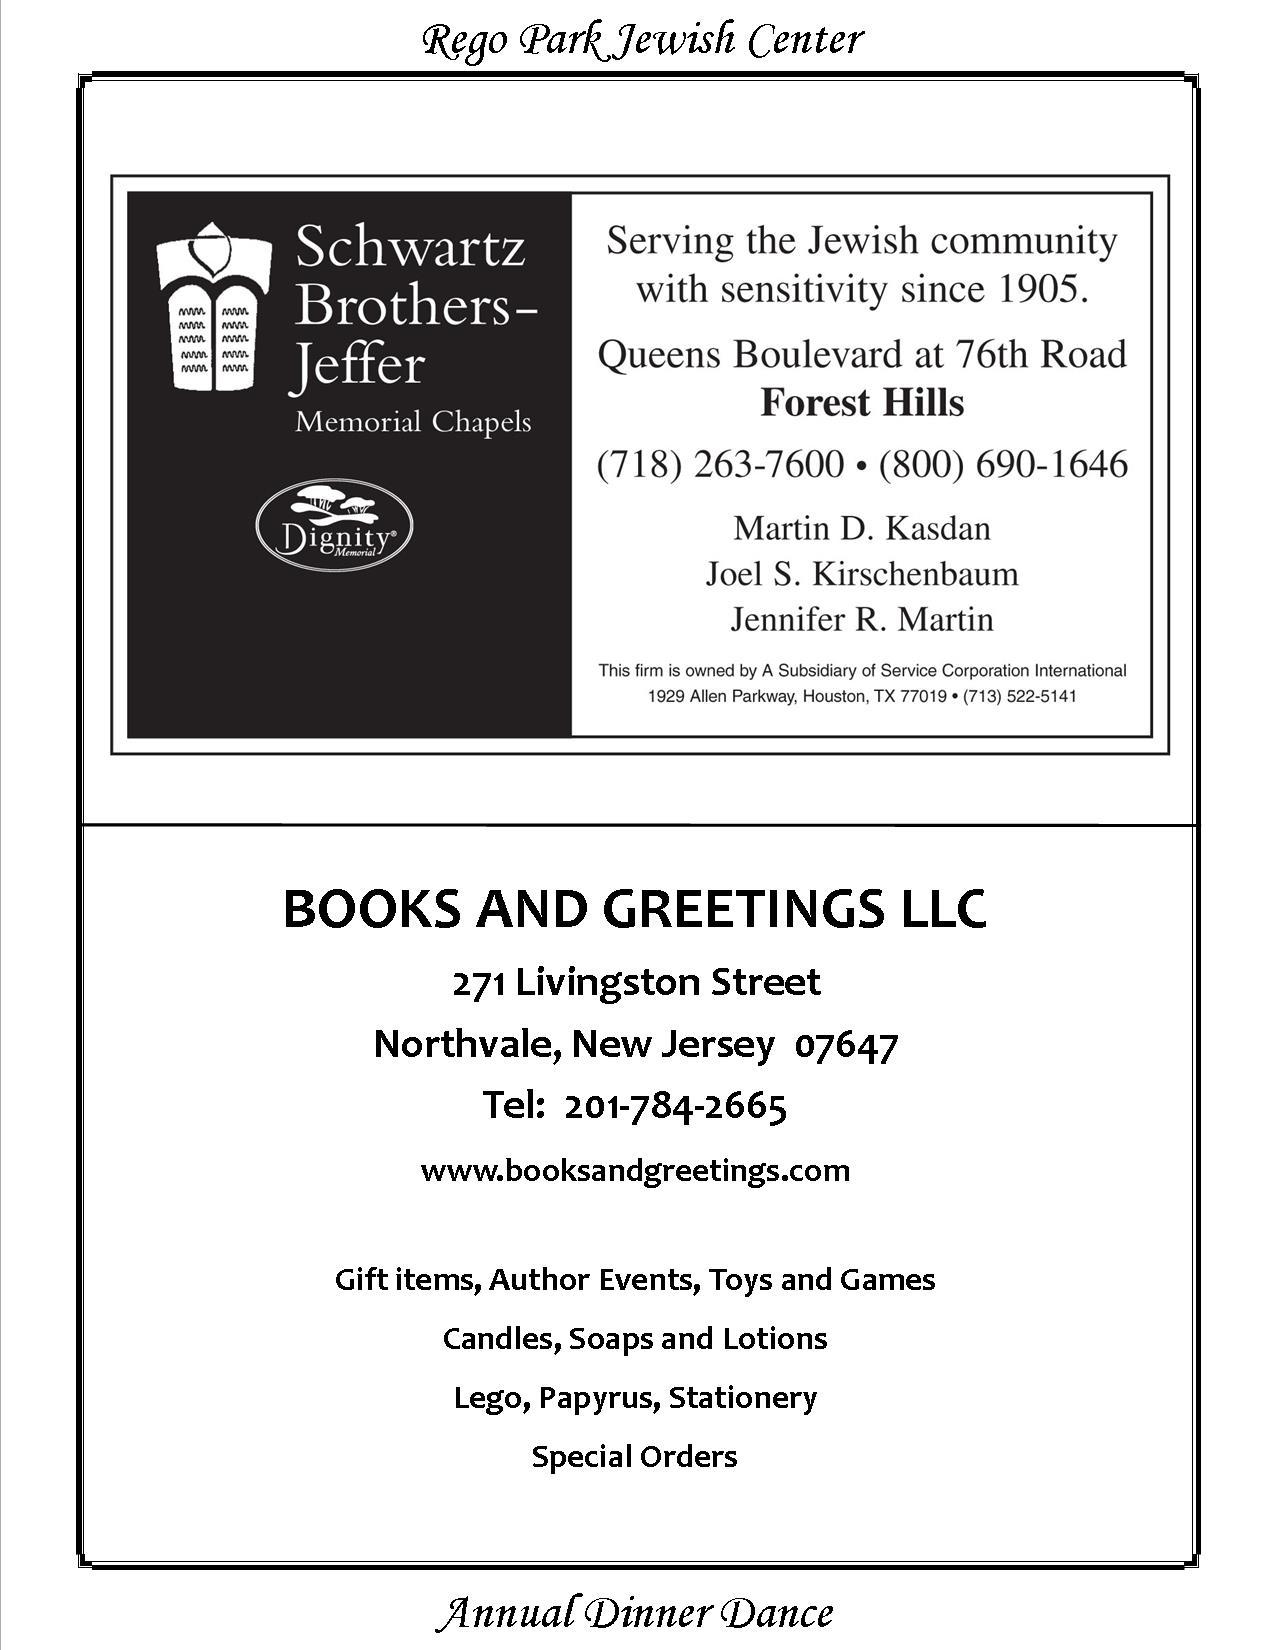 Bus. Schwartz Bros. page 82 - Copy.jpg